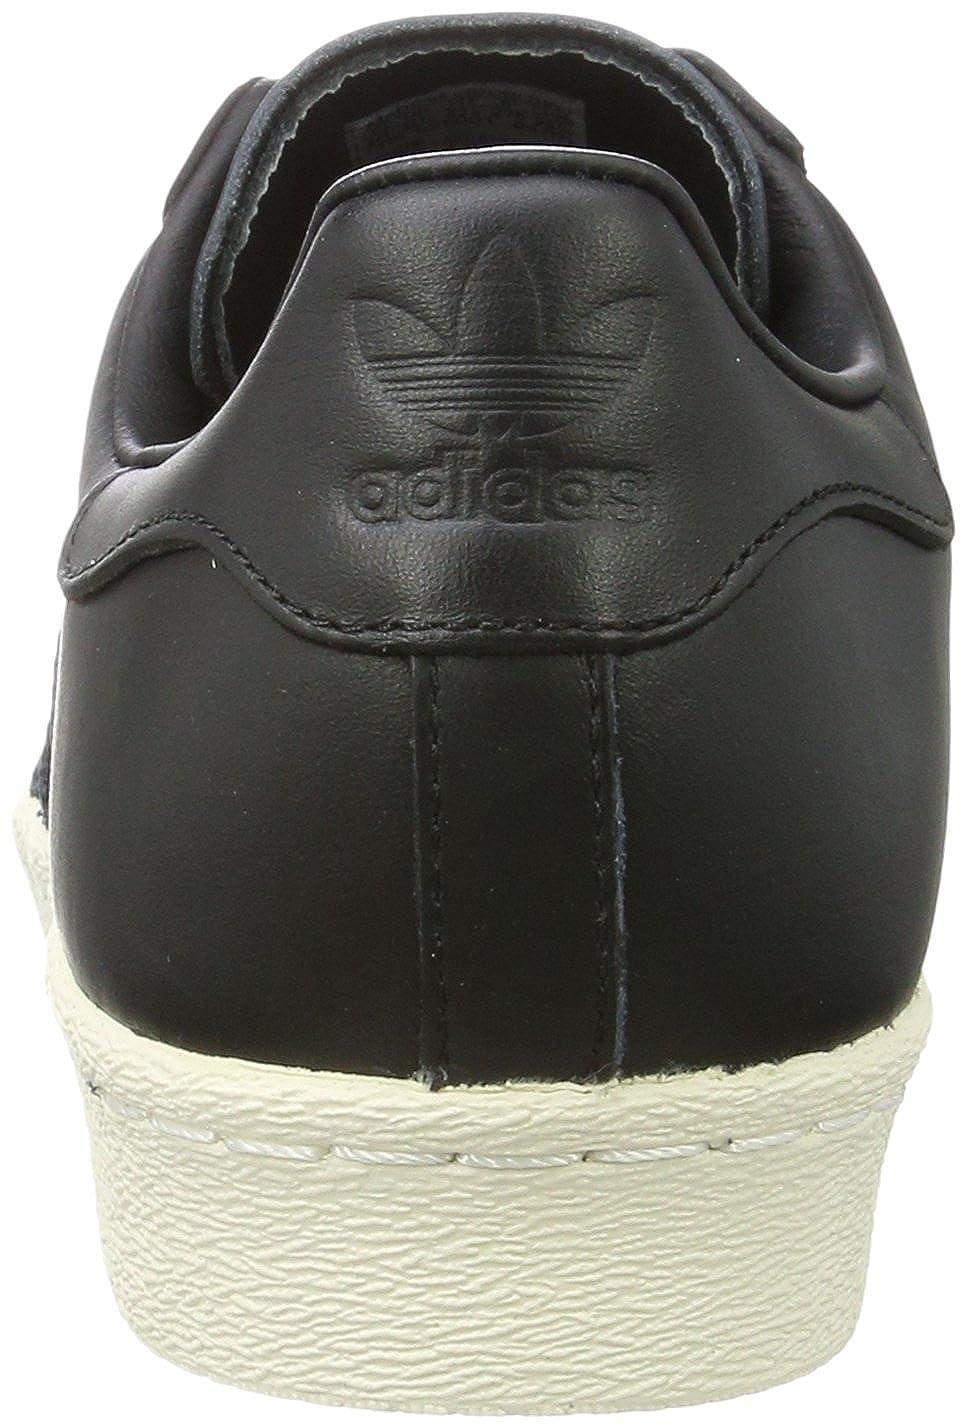 Adidas Superstar 80s Cork, Scarpe da Ginnastica Basse Basse Basse Donna   The Queen Of Quality  72bb38